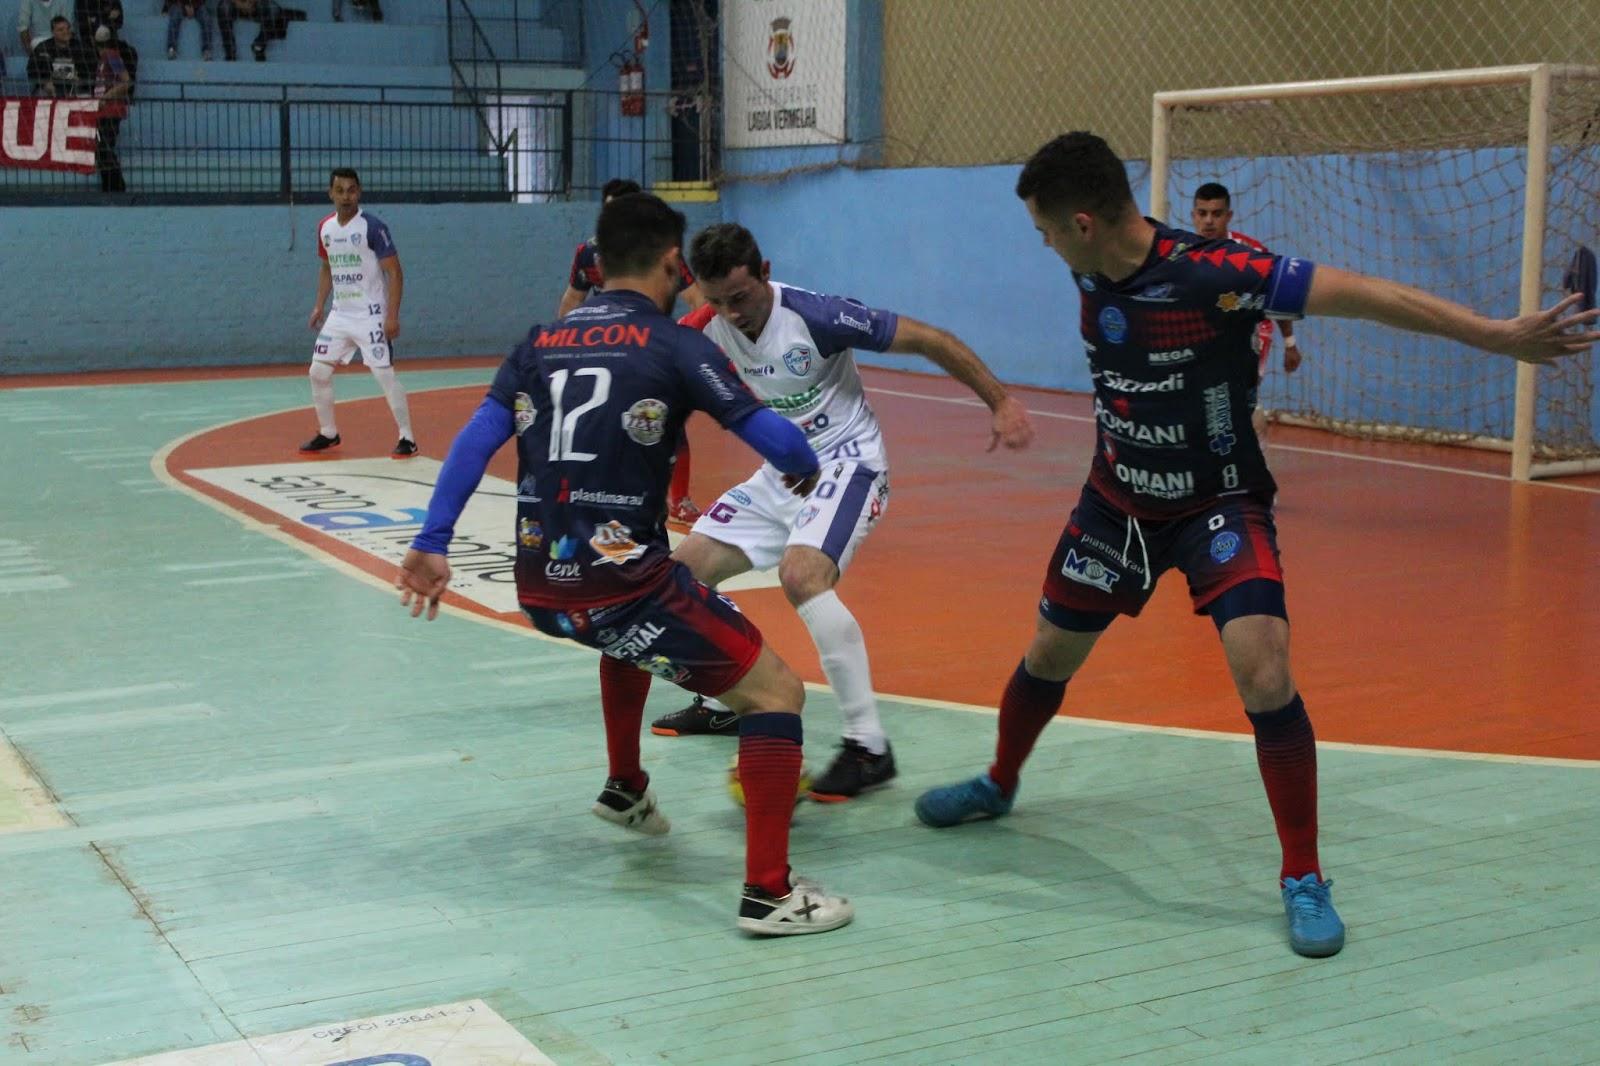 Associação Marauense de Futsal - AMF  AMF espera casa cheia para ... 1e038512aa133